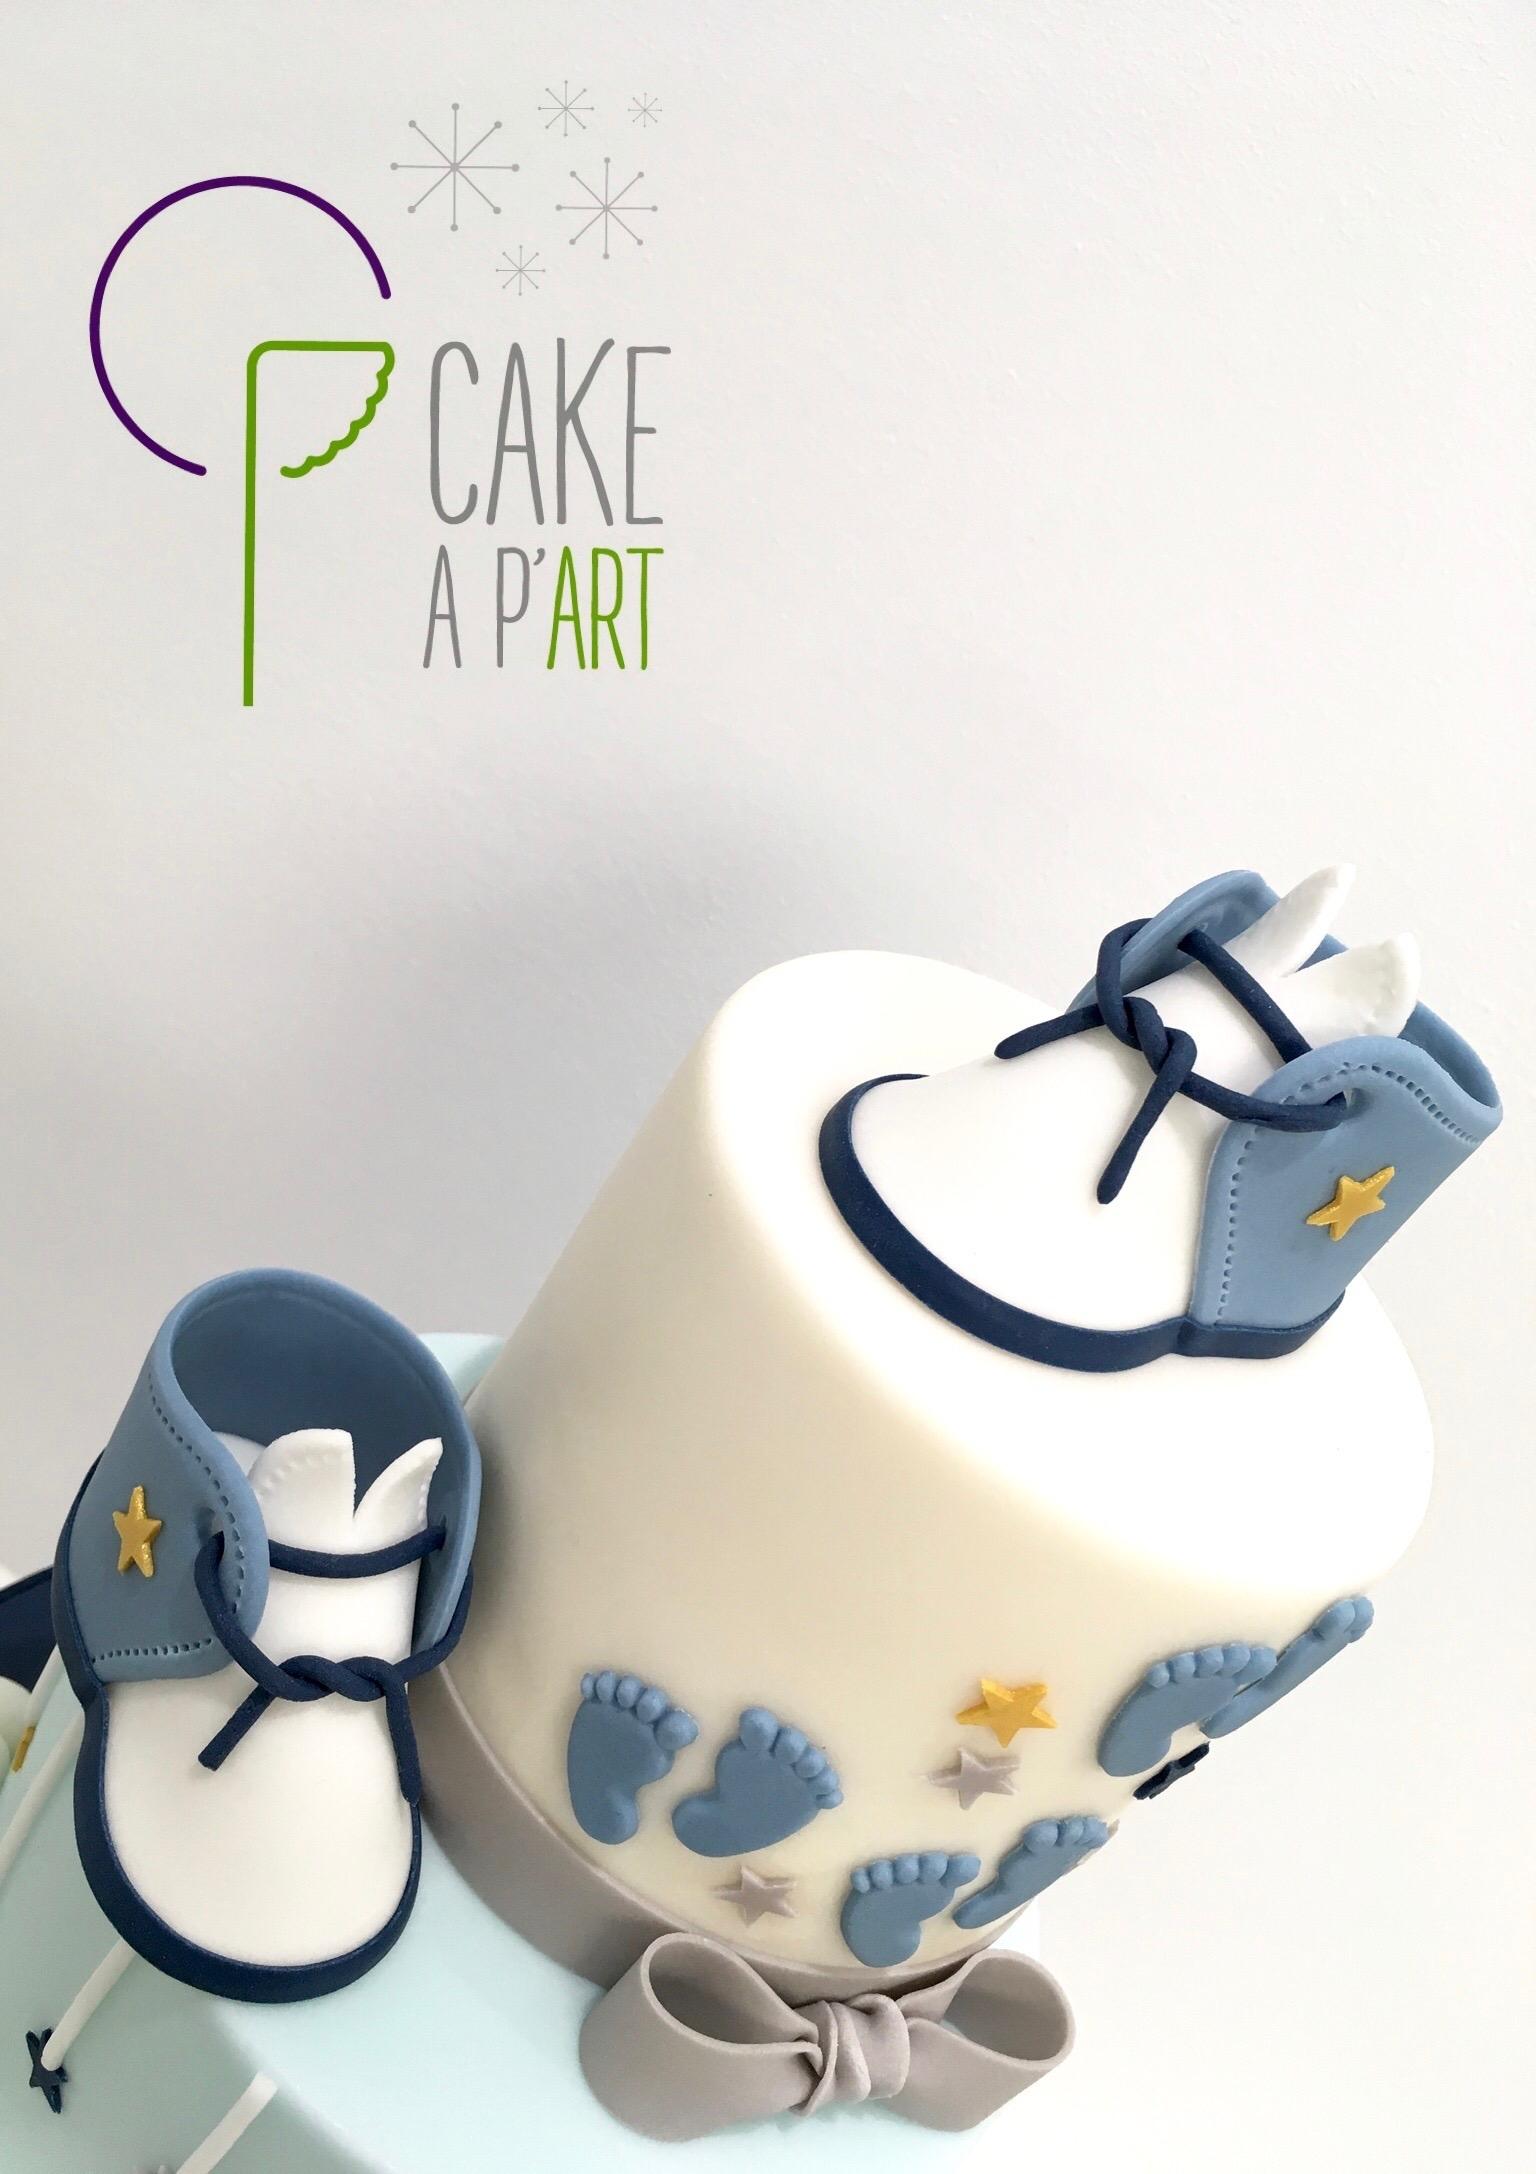 Décor modelage en sucre gâteaux personnalisés - Baptême Thème Naissance chaussons de bébé